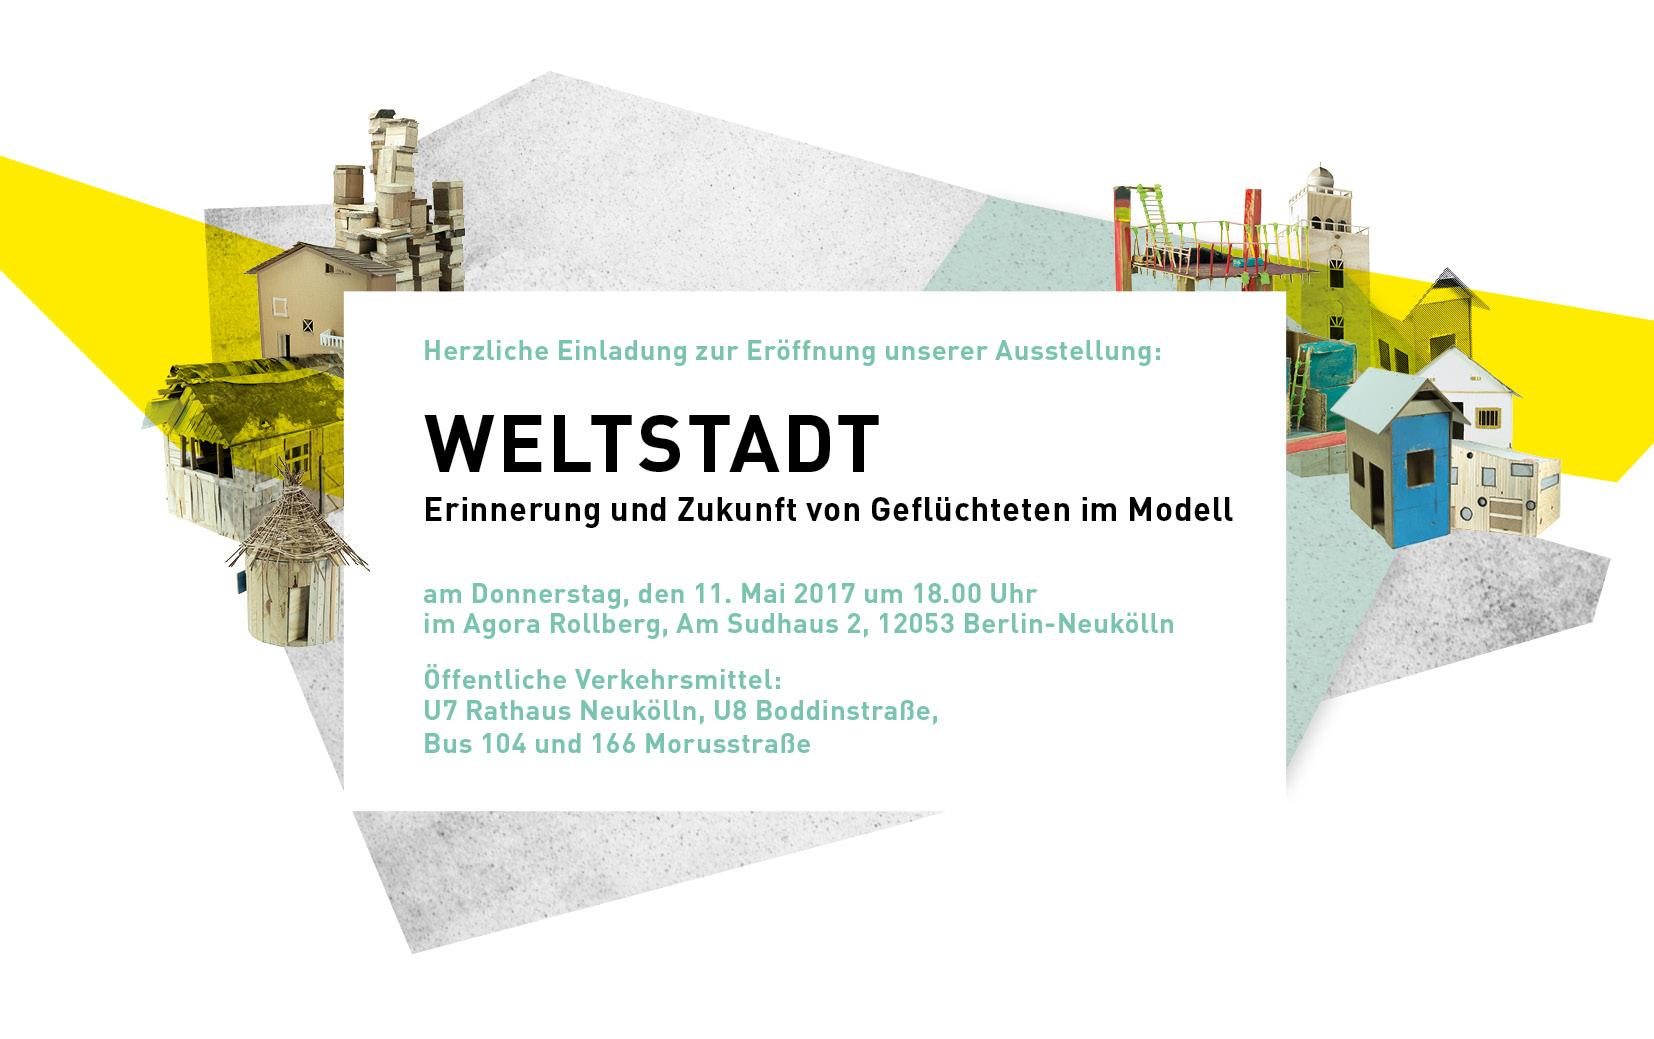 Einladung zur Eröffnung der Ausstellung »Weltstadt« am 11. Mai